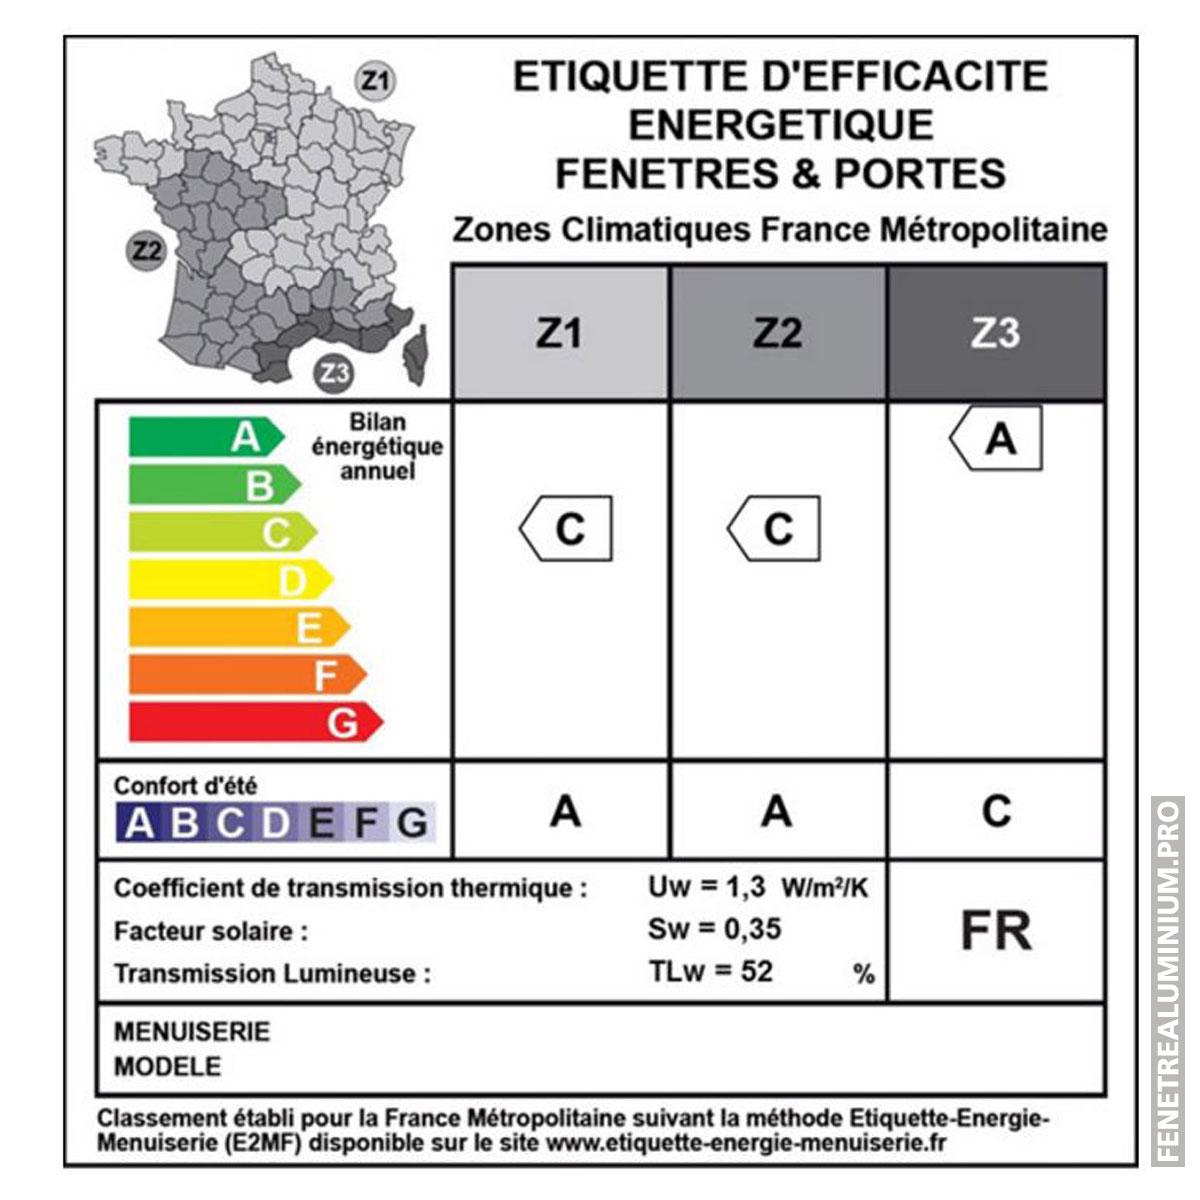 etiquette-energetique2